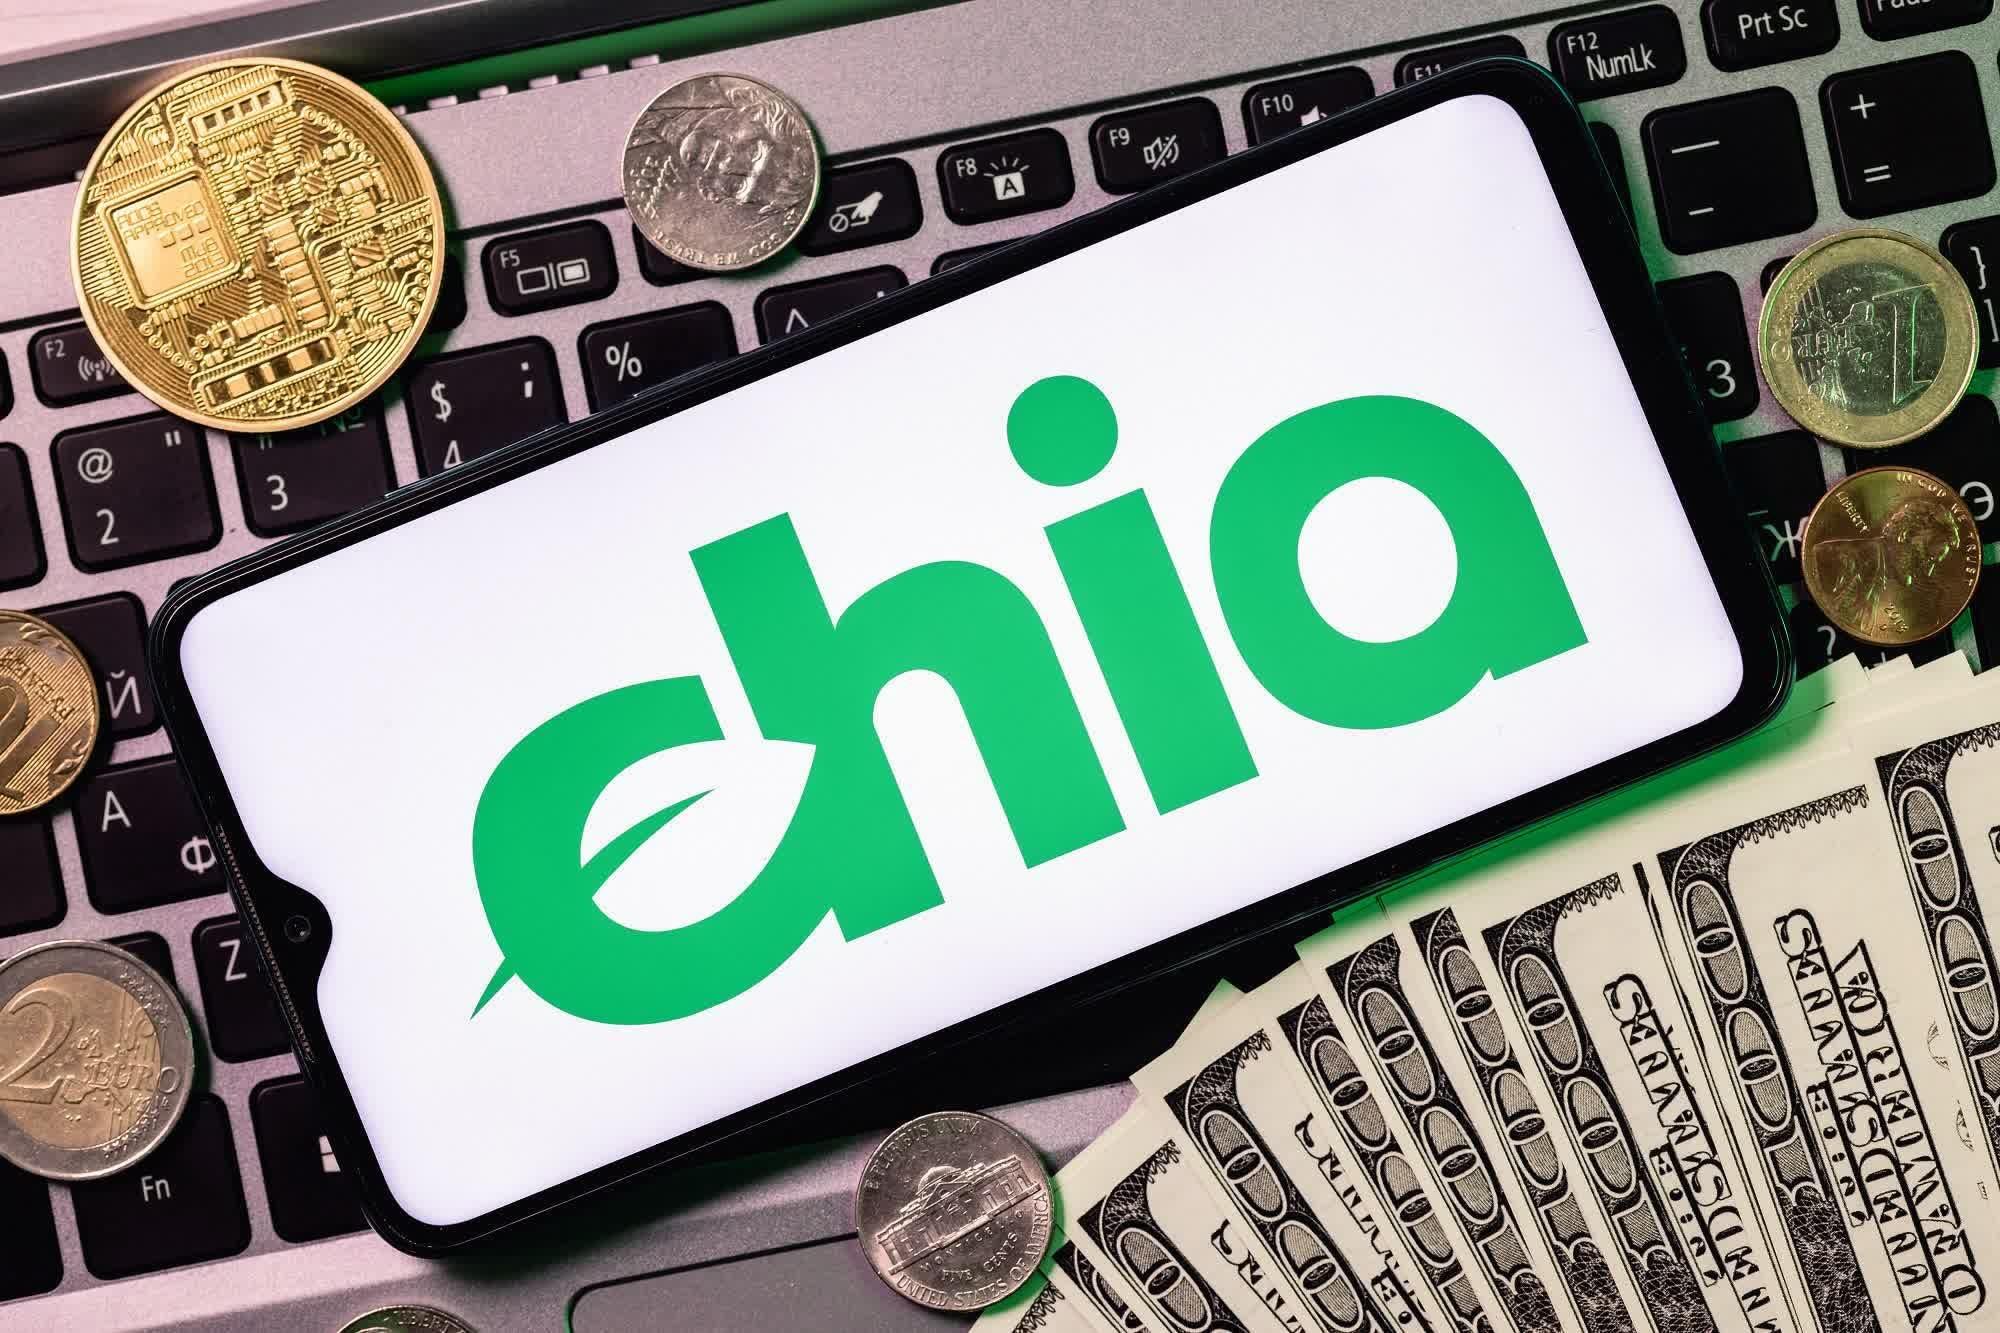 چیا - راهکار استخراج رمزارز Chia در وب سرویس آمازون راه اندازی می شود